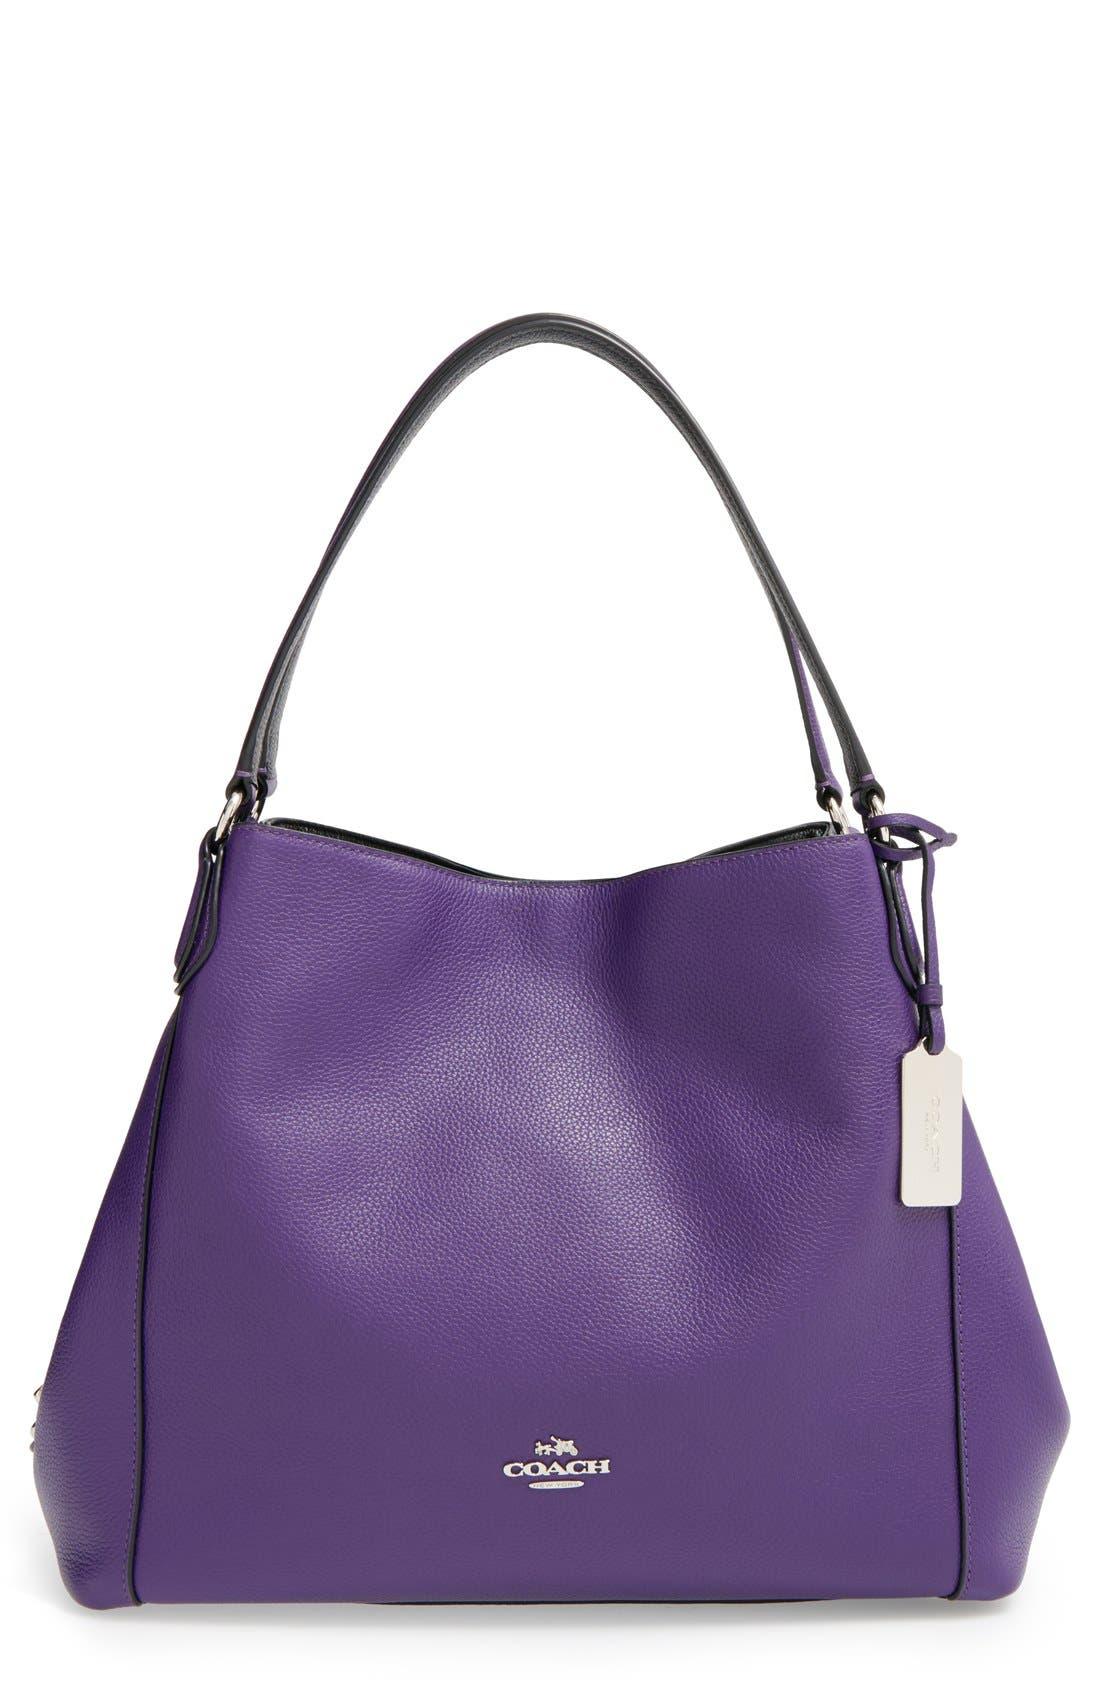 COACH,                             'Edie 31' Pebbled Leather Shoulder Bag,                             Main thumbnail 1, color,                             500